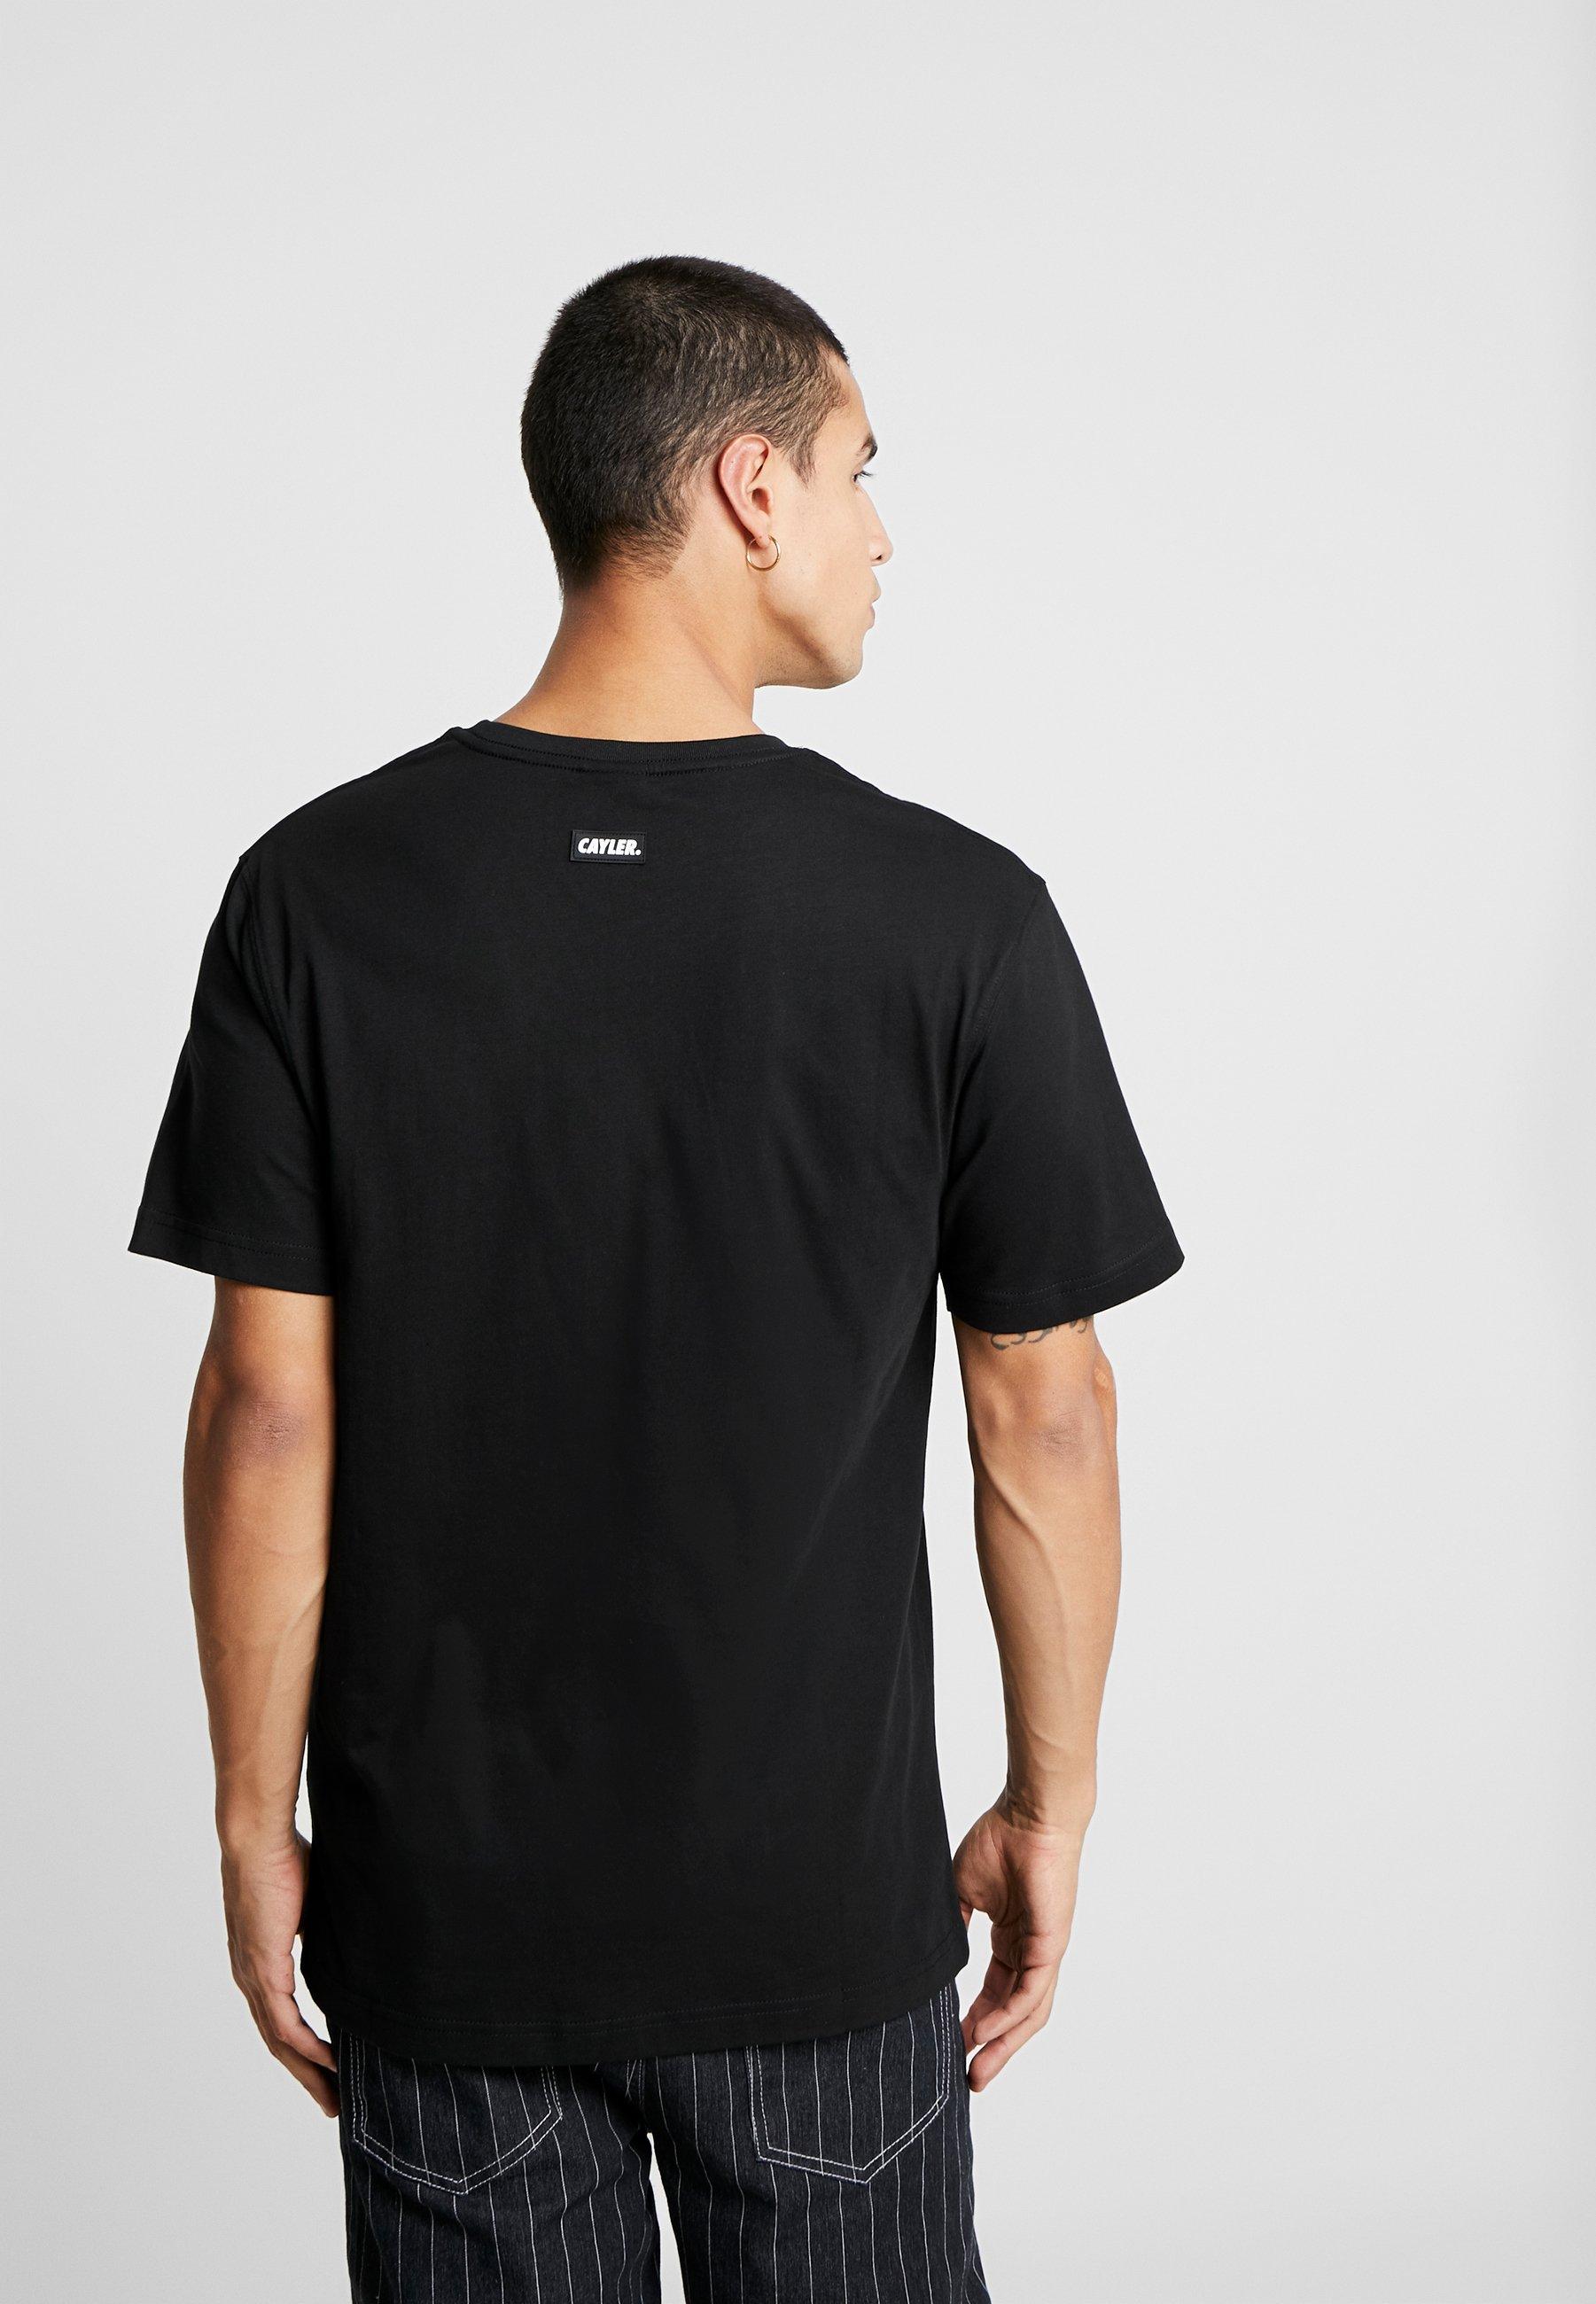 Sons shirt white Imprimé Cayleramp; Scan Black TeeT rshCtQBxd